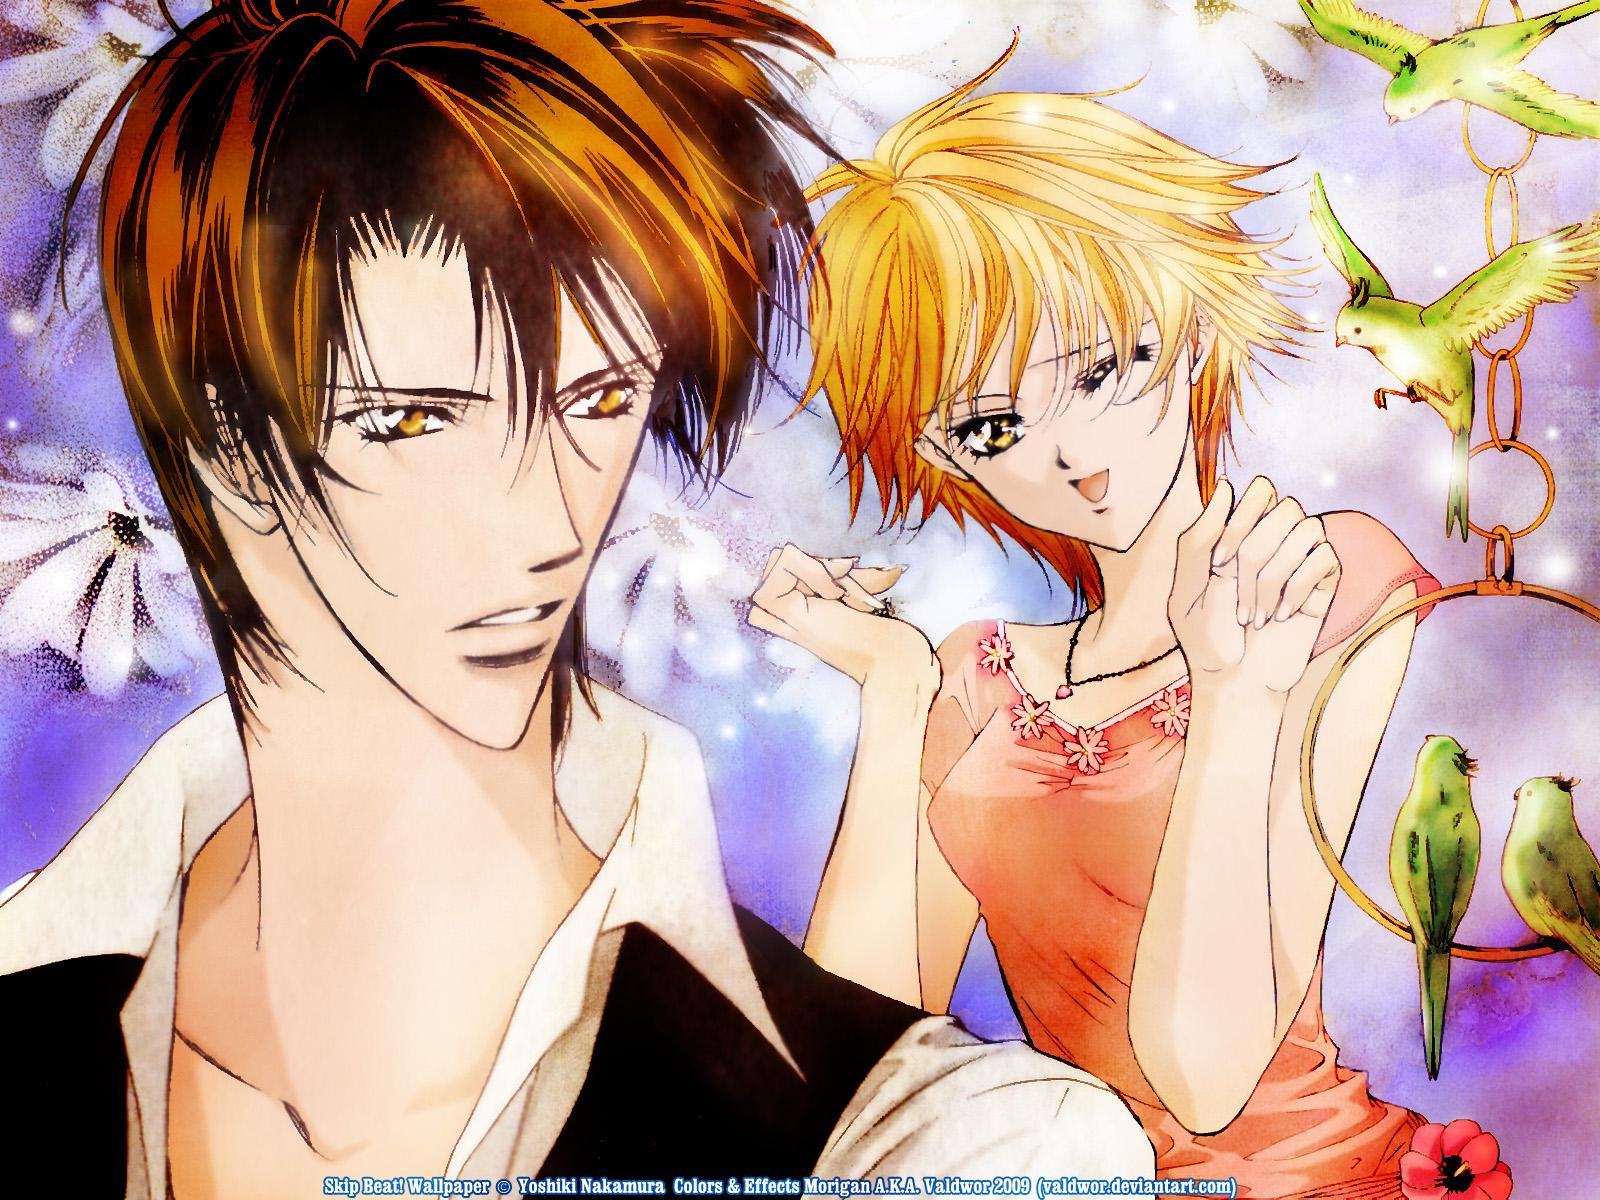 Skip Beat! - Nakamura Yoshiki - Wallpaper #455196 - Zerochan Anime ...